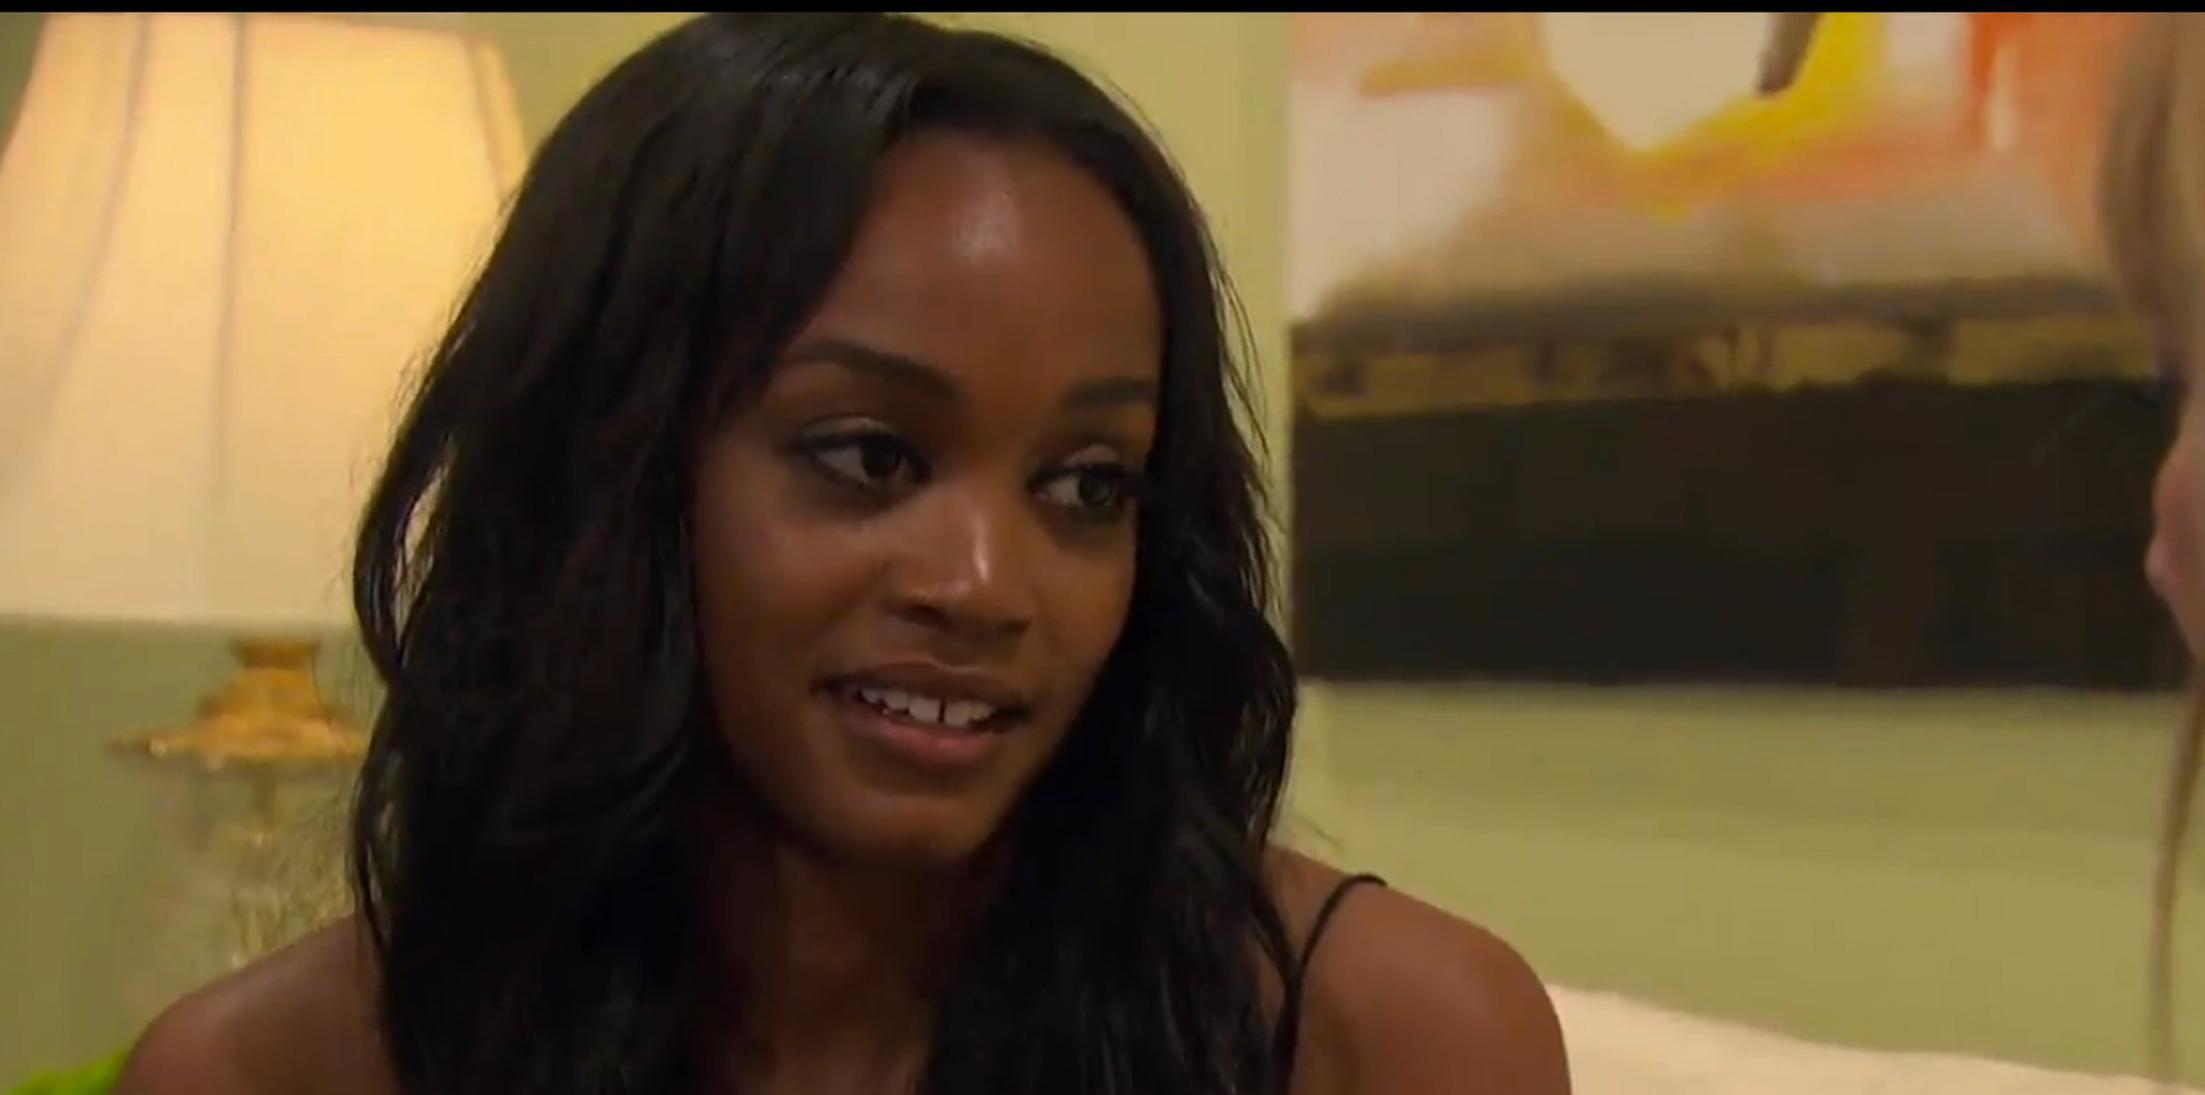 Bachelorette frontrunner bryan abasolo mom threatens to kill rachel lindsay her